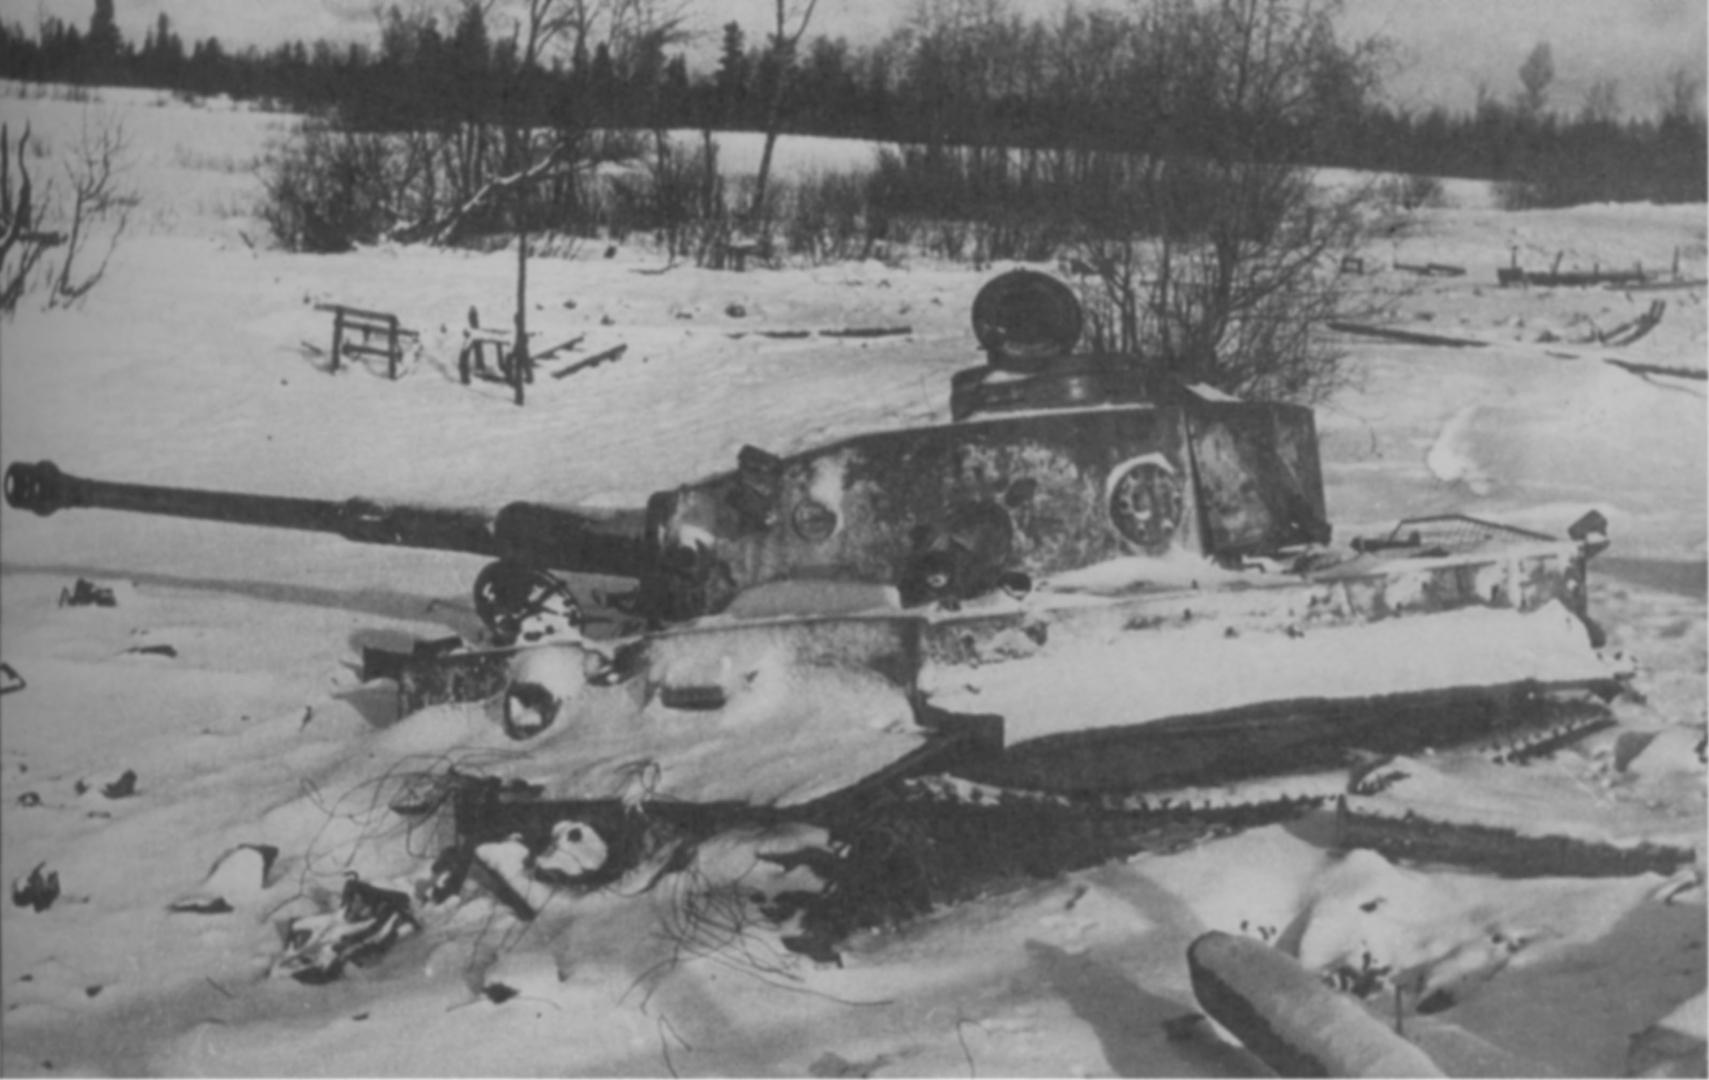 Тяжелый немецкий танк Pz.Kpfw. VI Ausf. H «Тигр», вероятнее всего, подбитый еще зимой 1943 года под Ленинградом